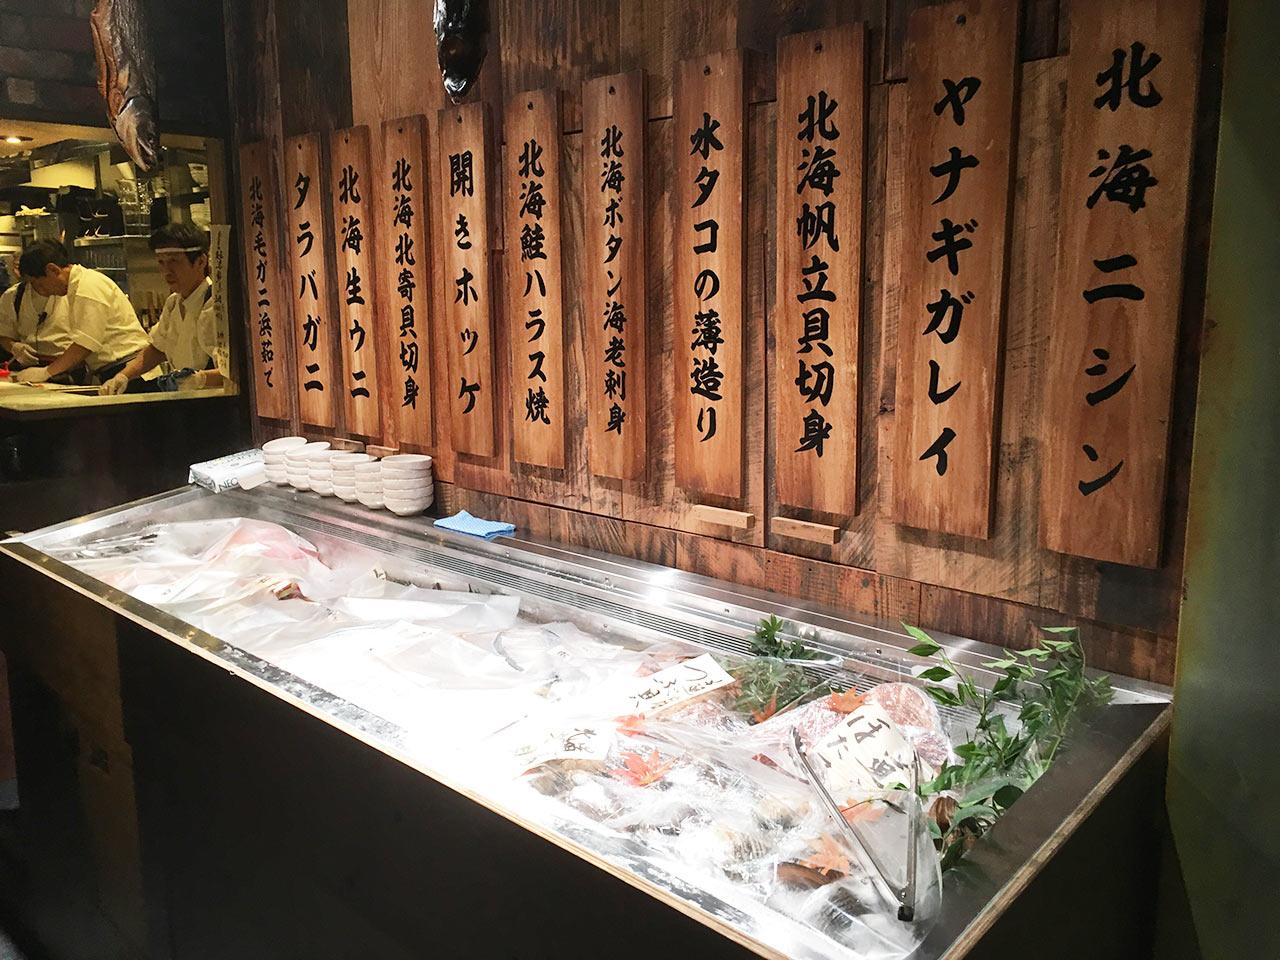 shinbashi-zenibako-bbq-naikan01